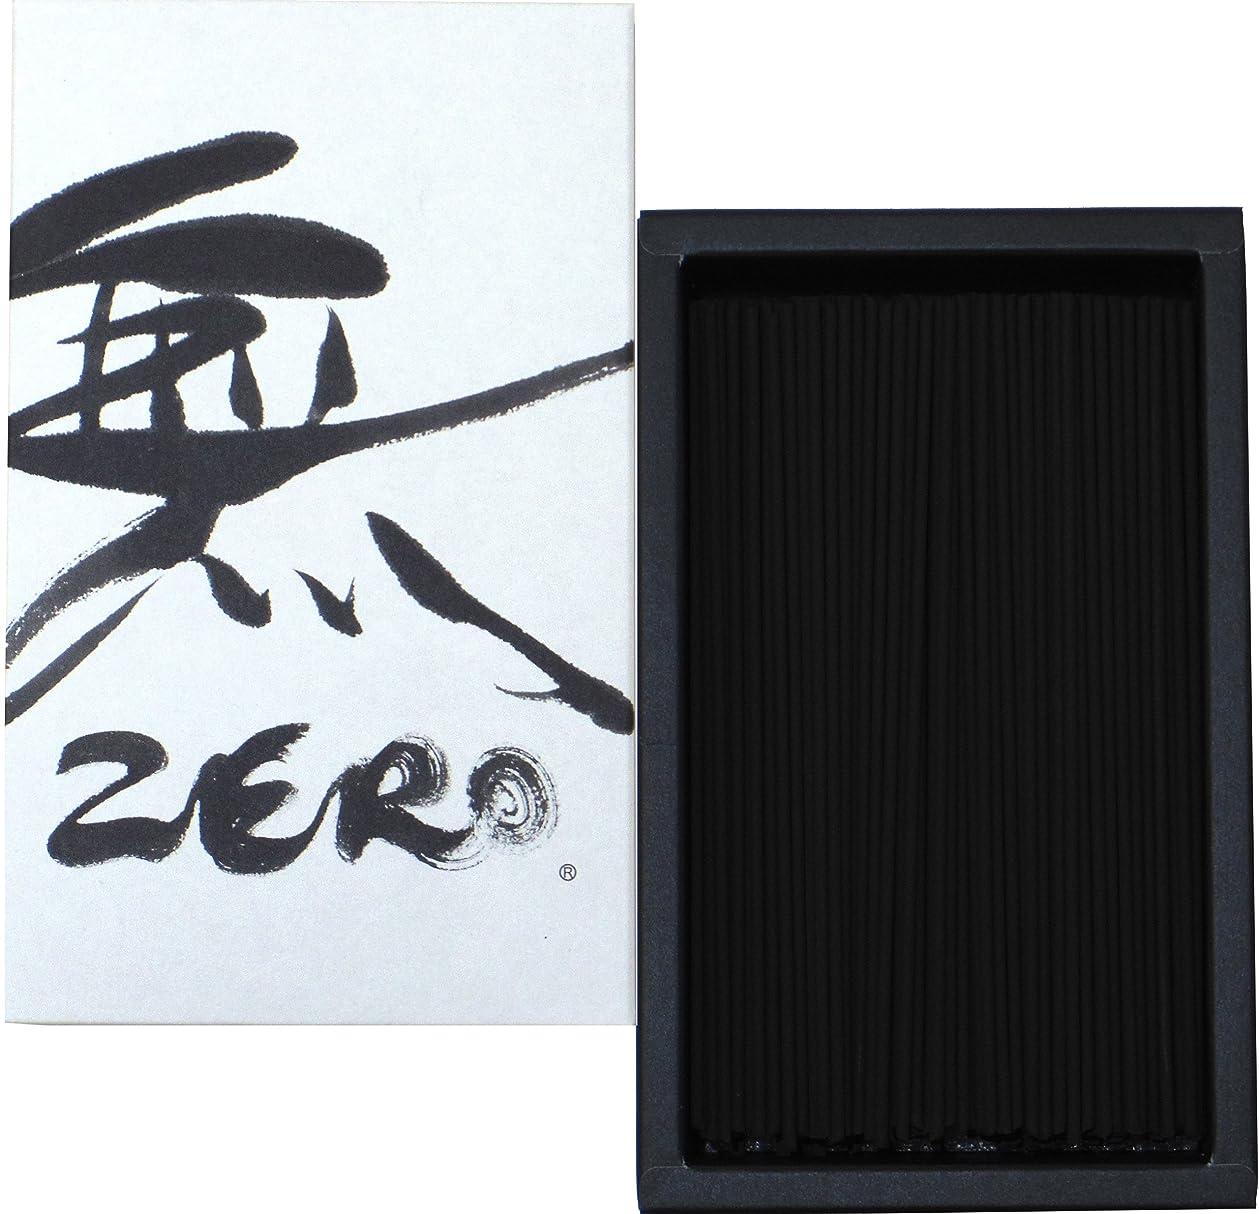 誘う正確観察する丸叶むらたのお線香 無 ZERO(ゼロ)大バラ 約160g #ZR-01